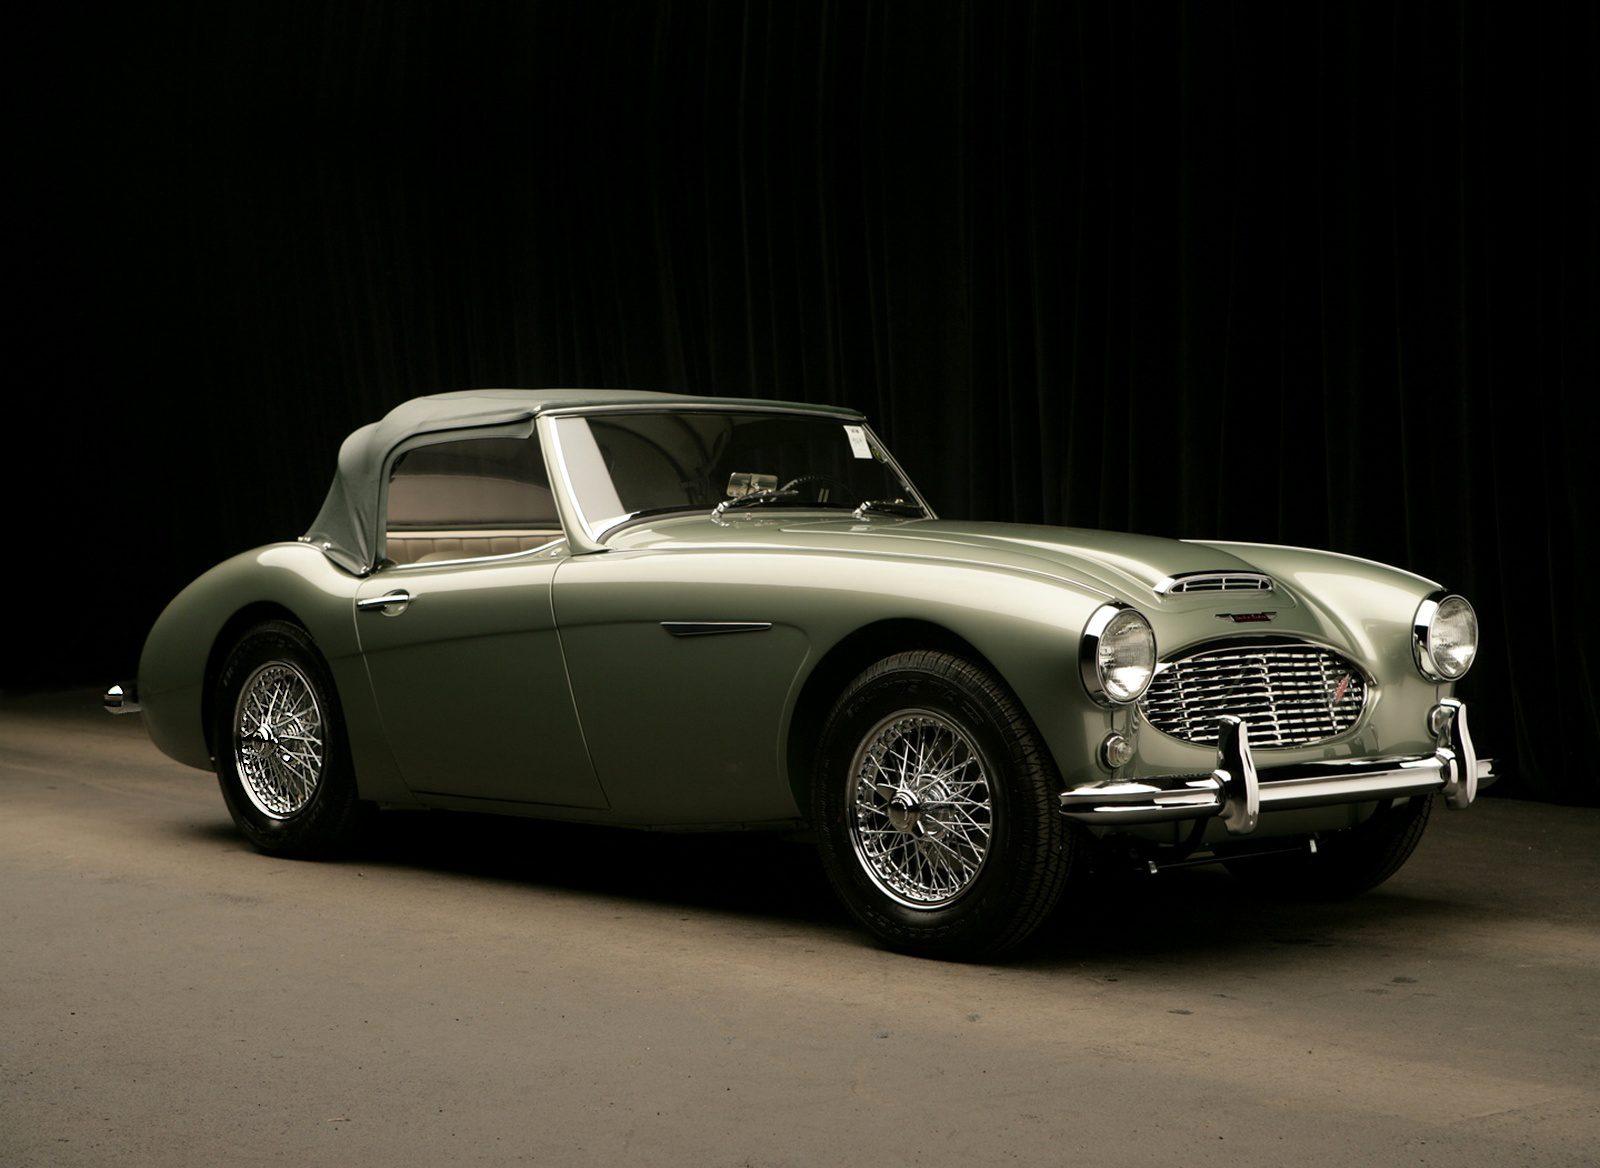 1960 Austin-Healey 3000 Mk 1